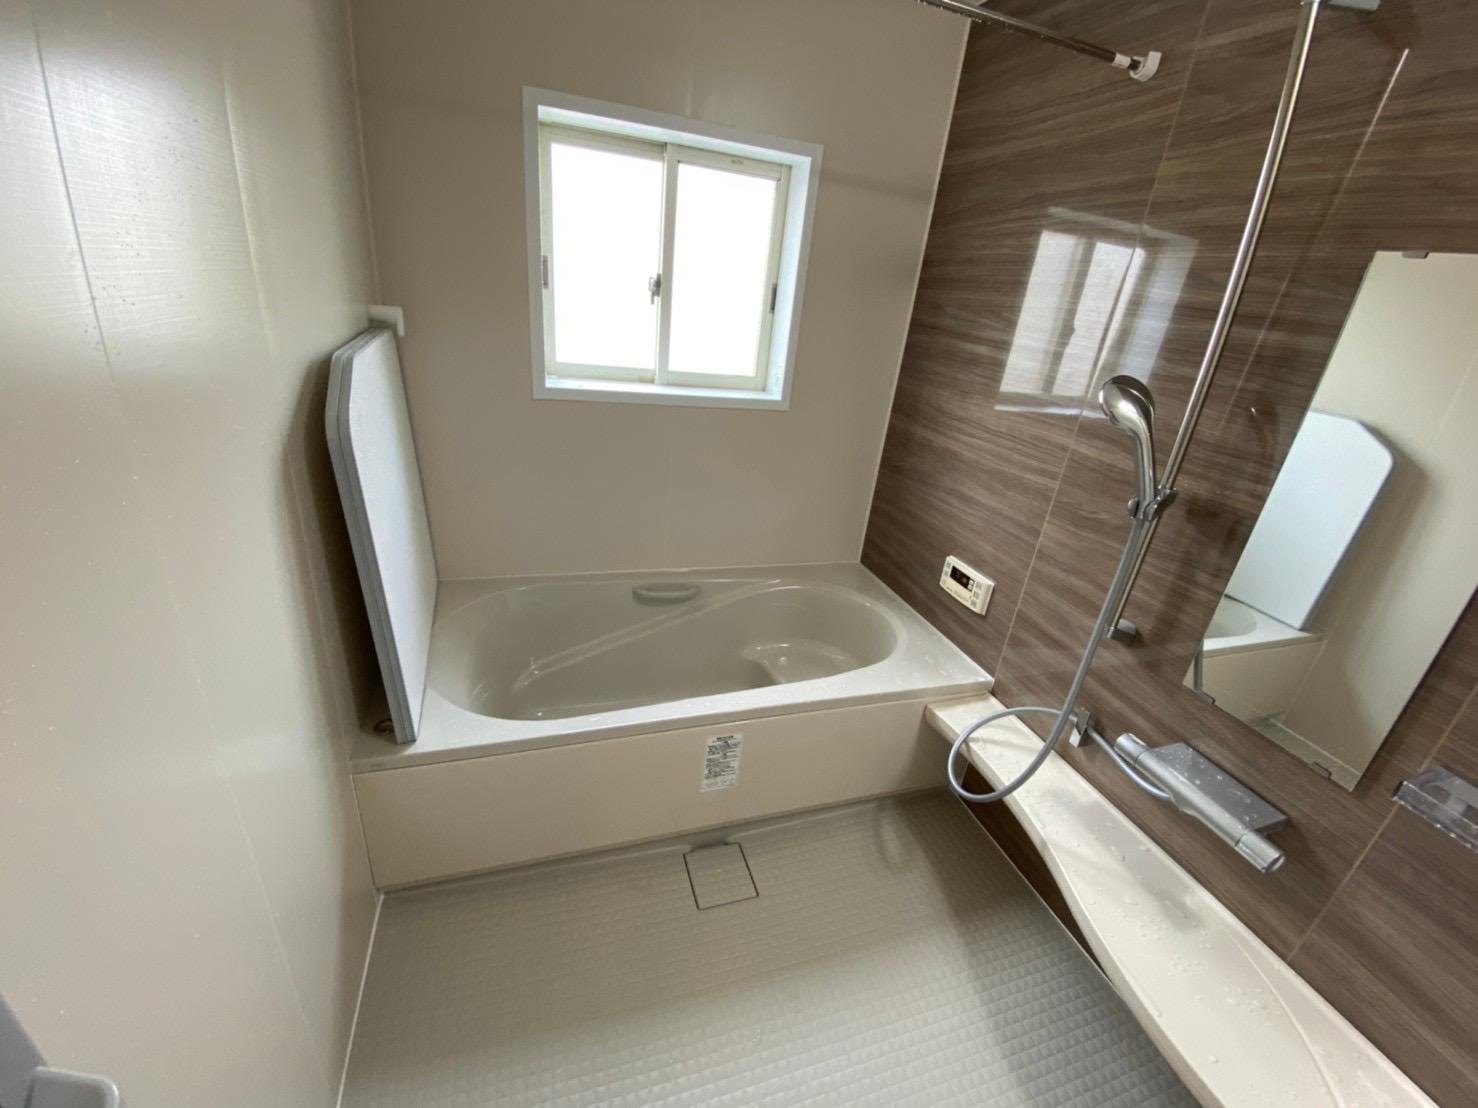 神戸市東灘区 浴室改修工事